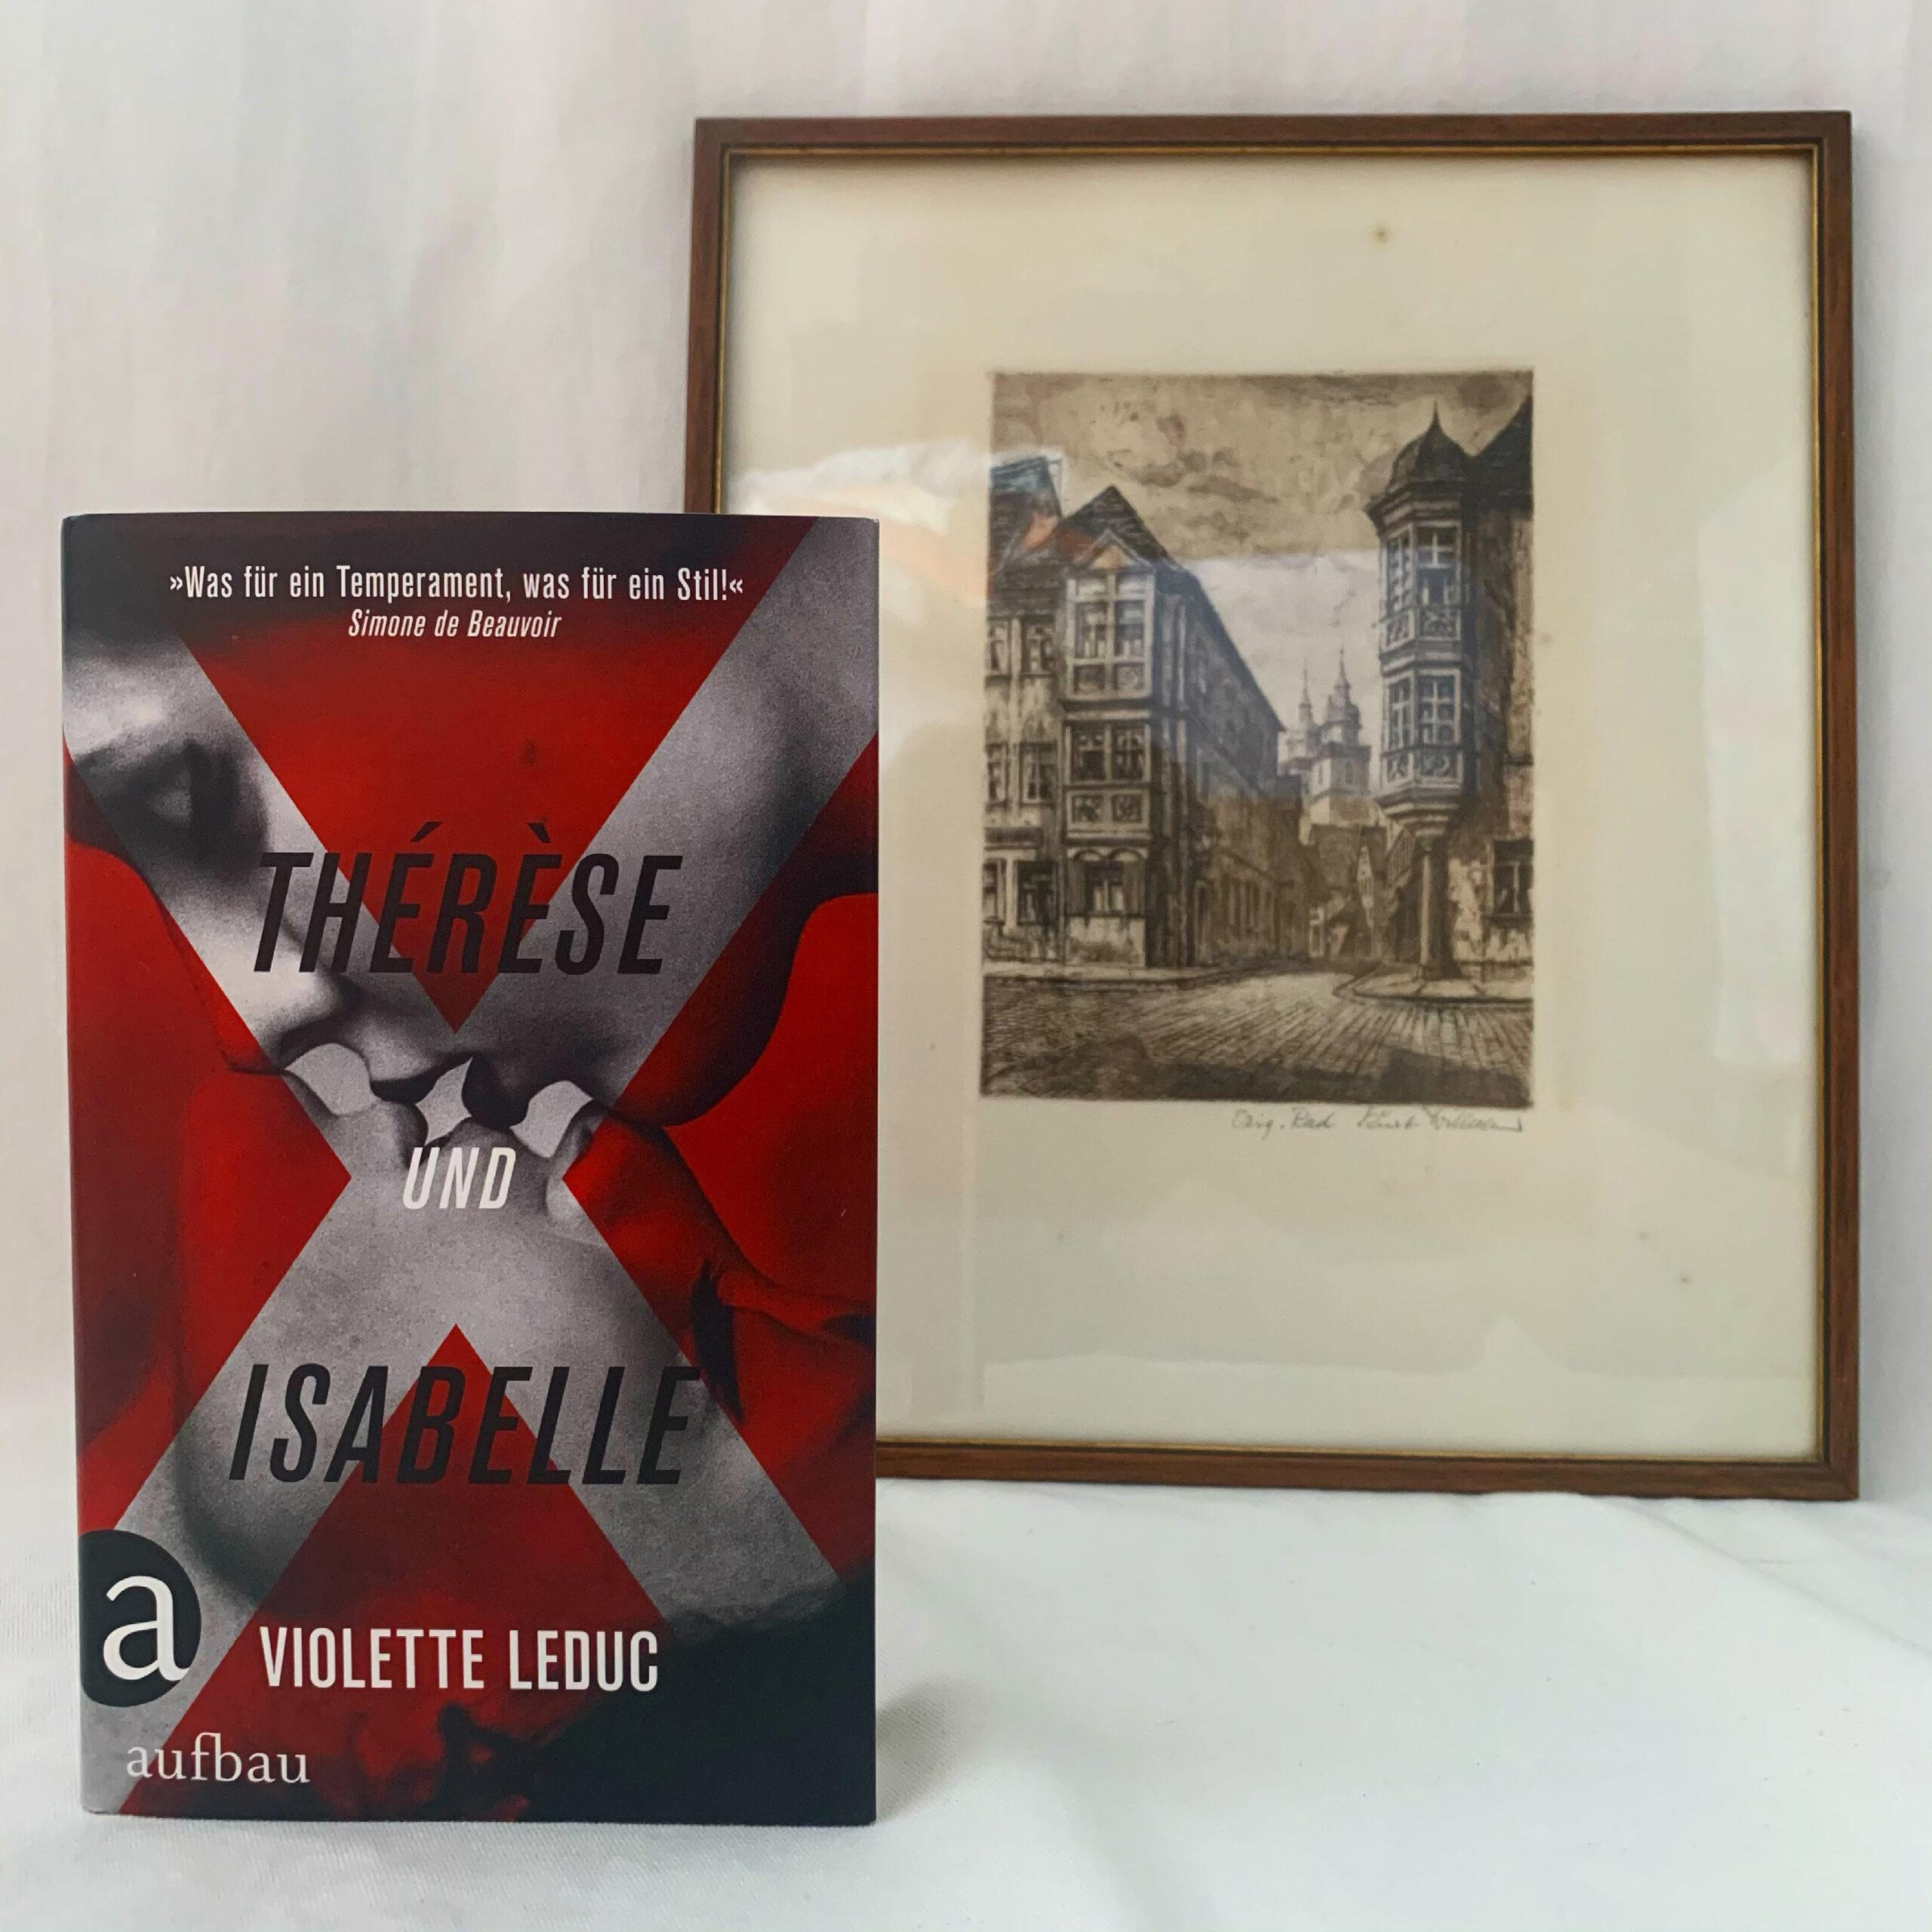 Violette Leduc - Thérèse und Isabelle